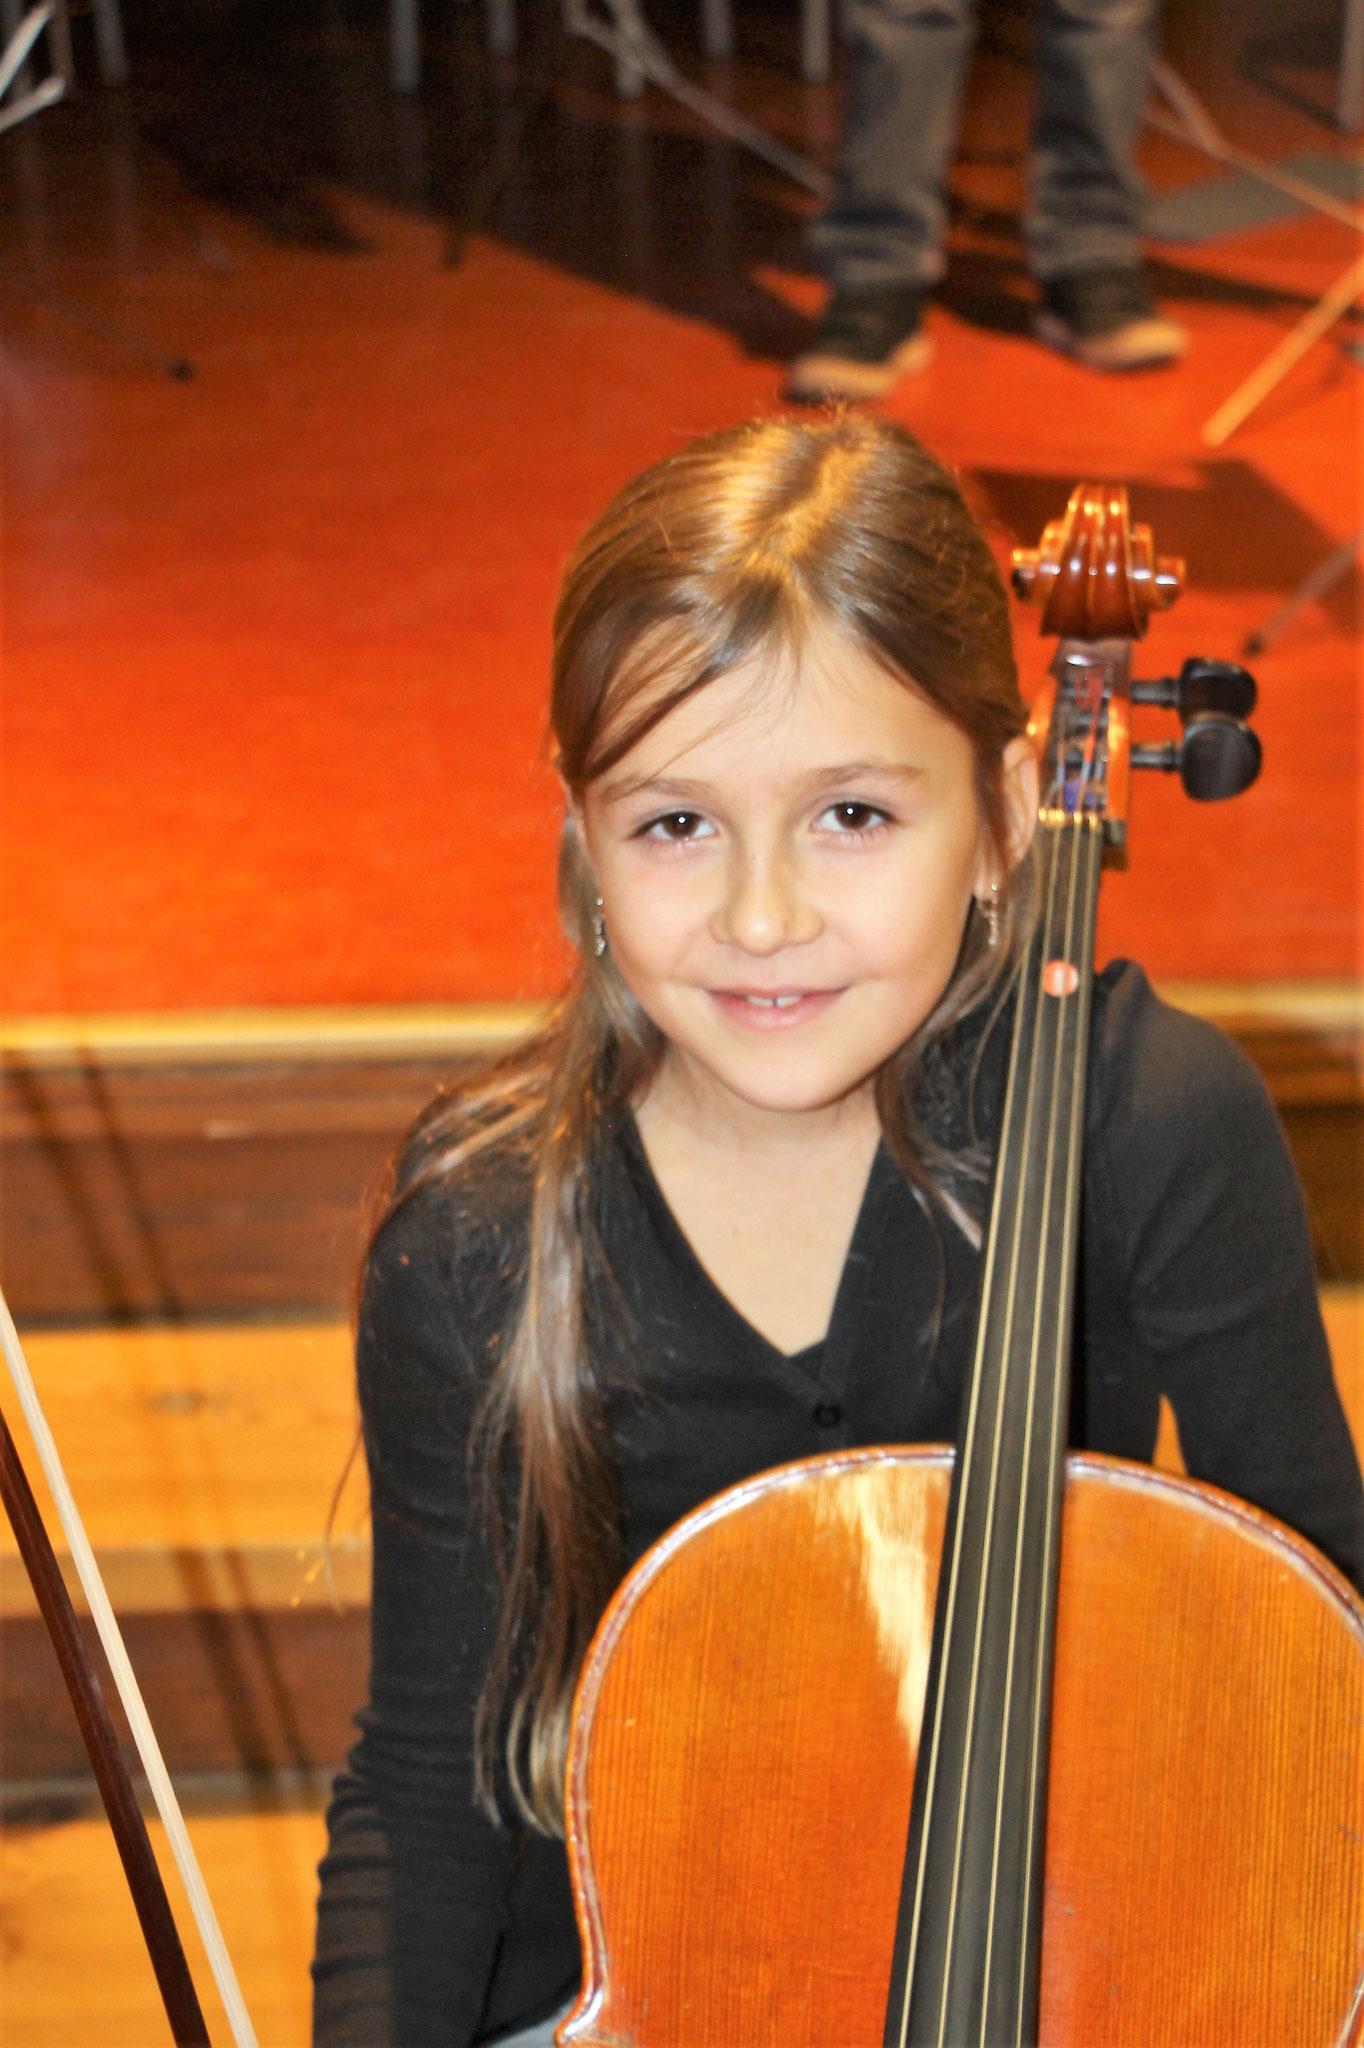 Cellistin aus der Streicherklasse 16-18